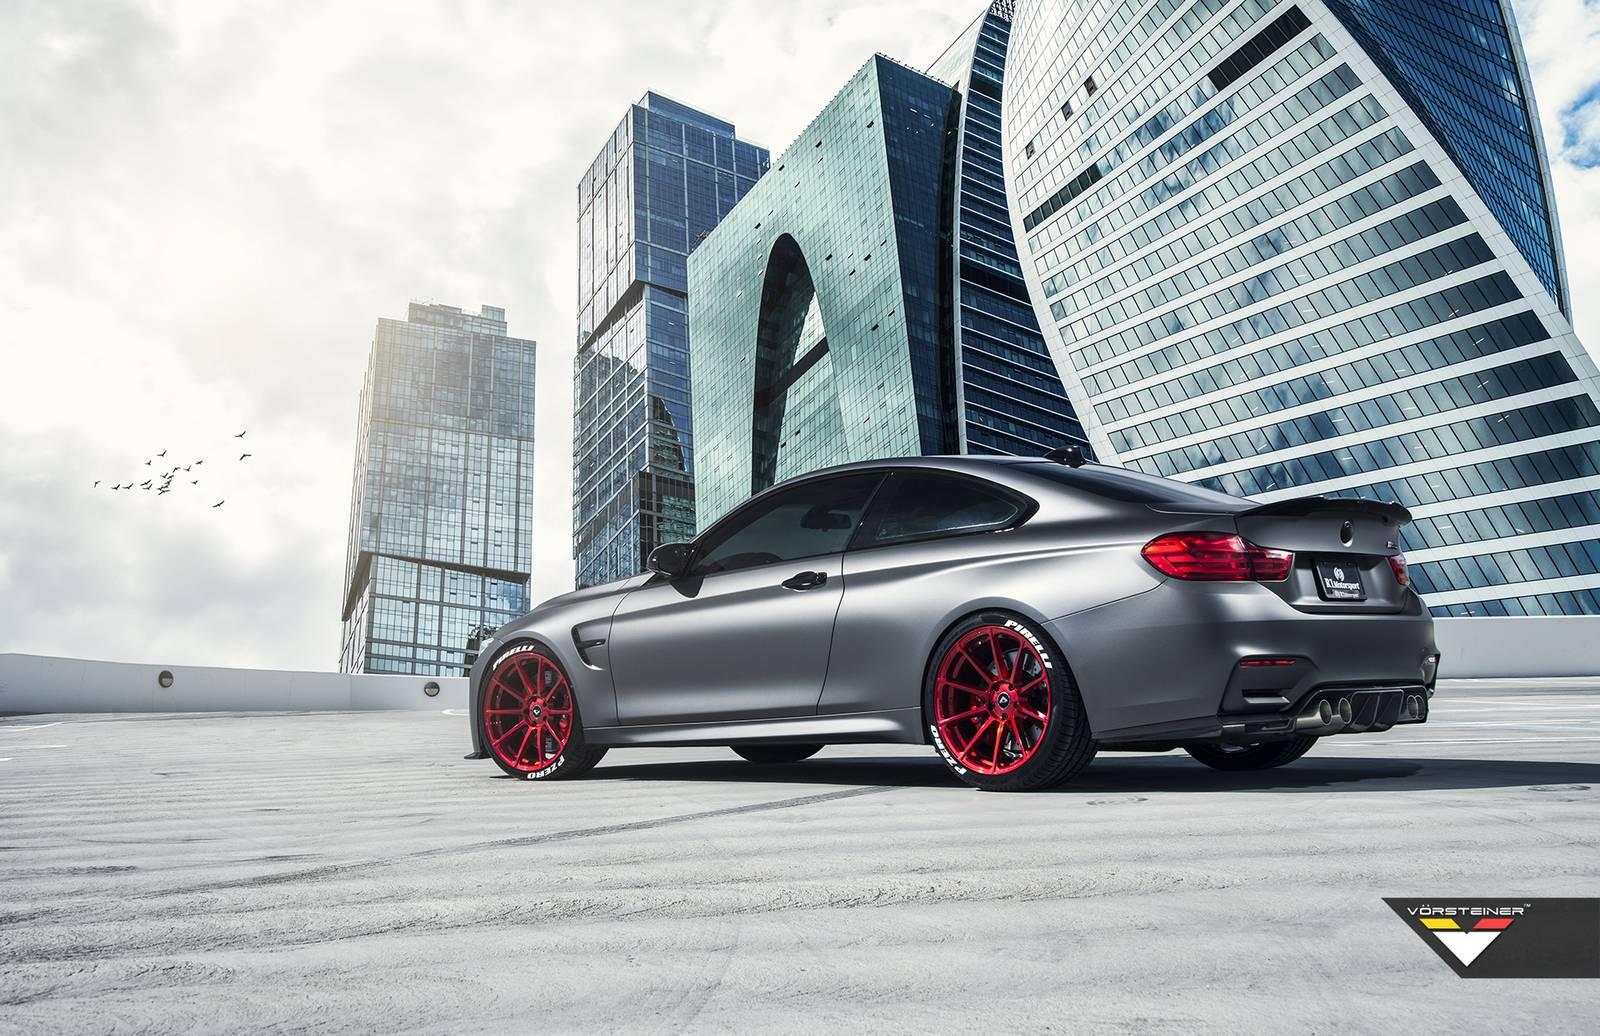 Frozen Gray Bmw M4 With Candy Apple Red Vorsteiner Wheels Gtspirit